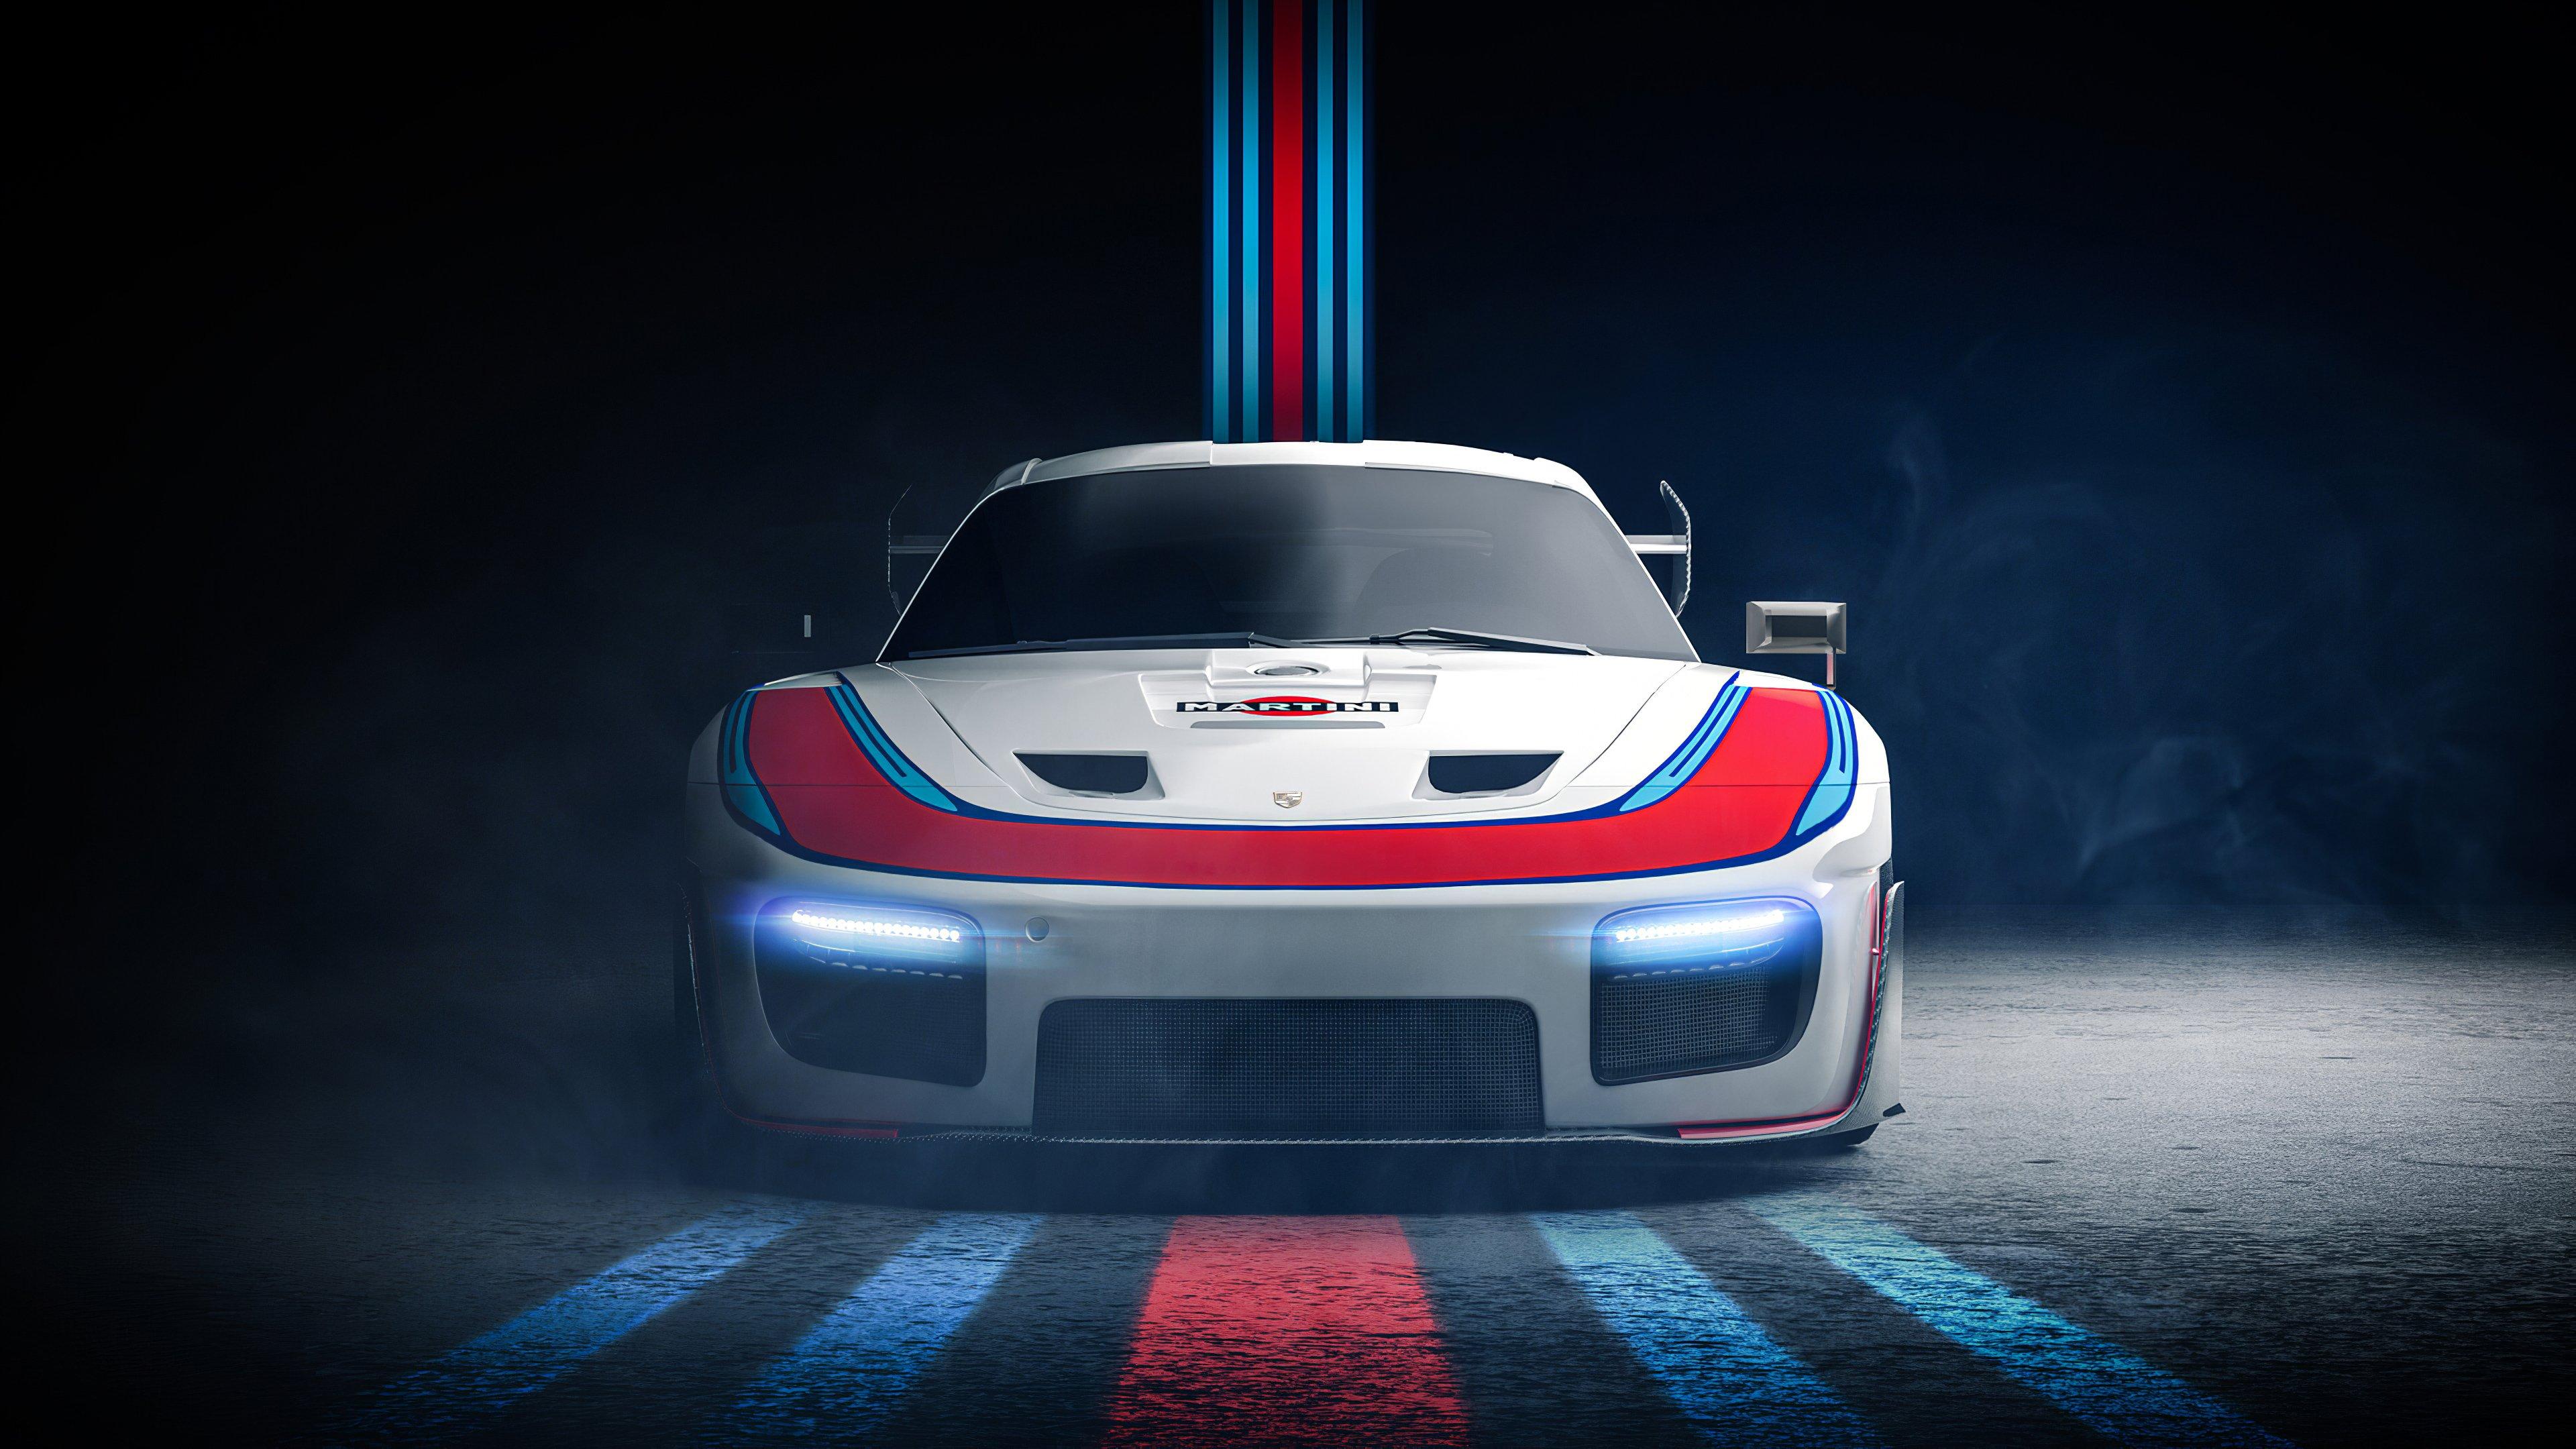 Fondos de pantalla Porsche Manhart TR